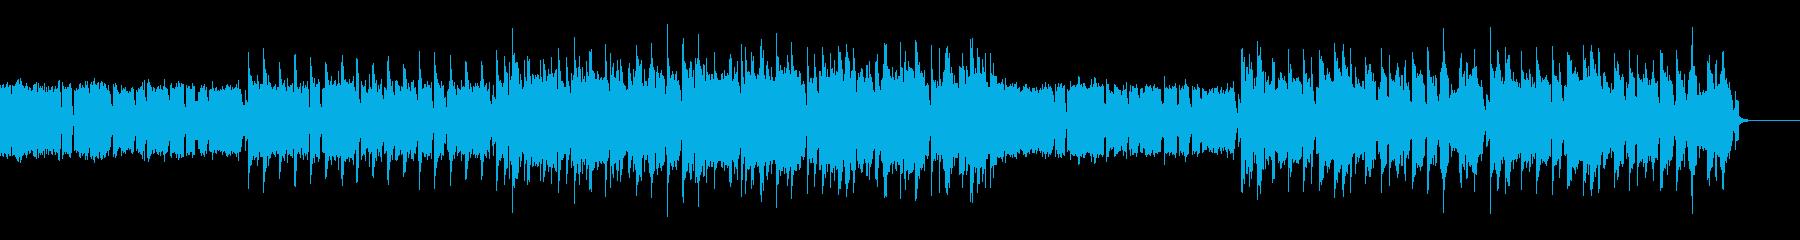 ヴィンテージ風ロックの再生済みの波形